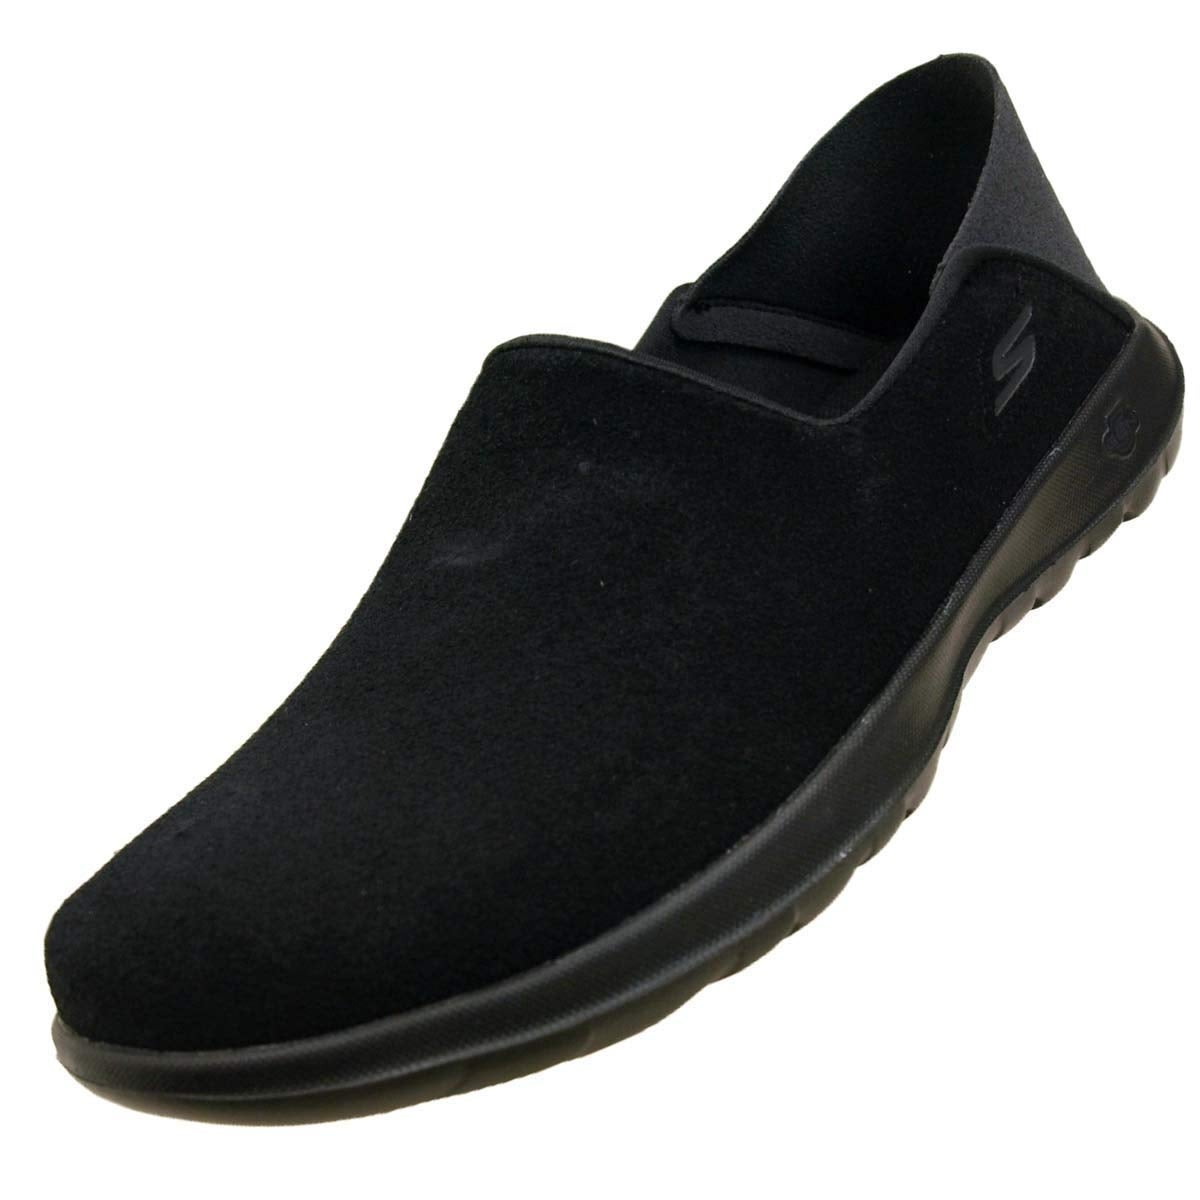 Skechers Women's Gowalk Lite Cozy, Walking, Black, 10 Us M